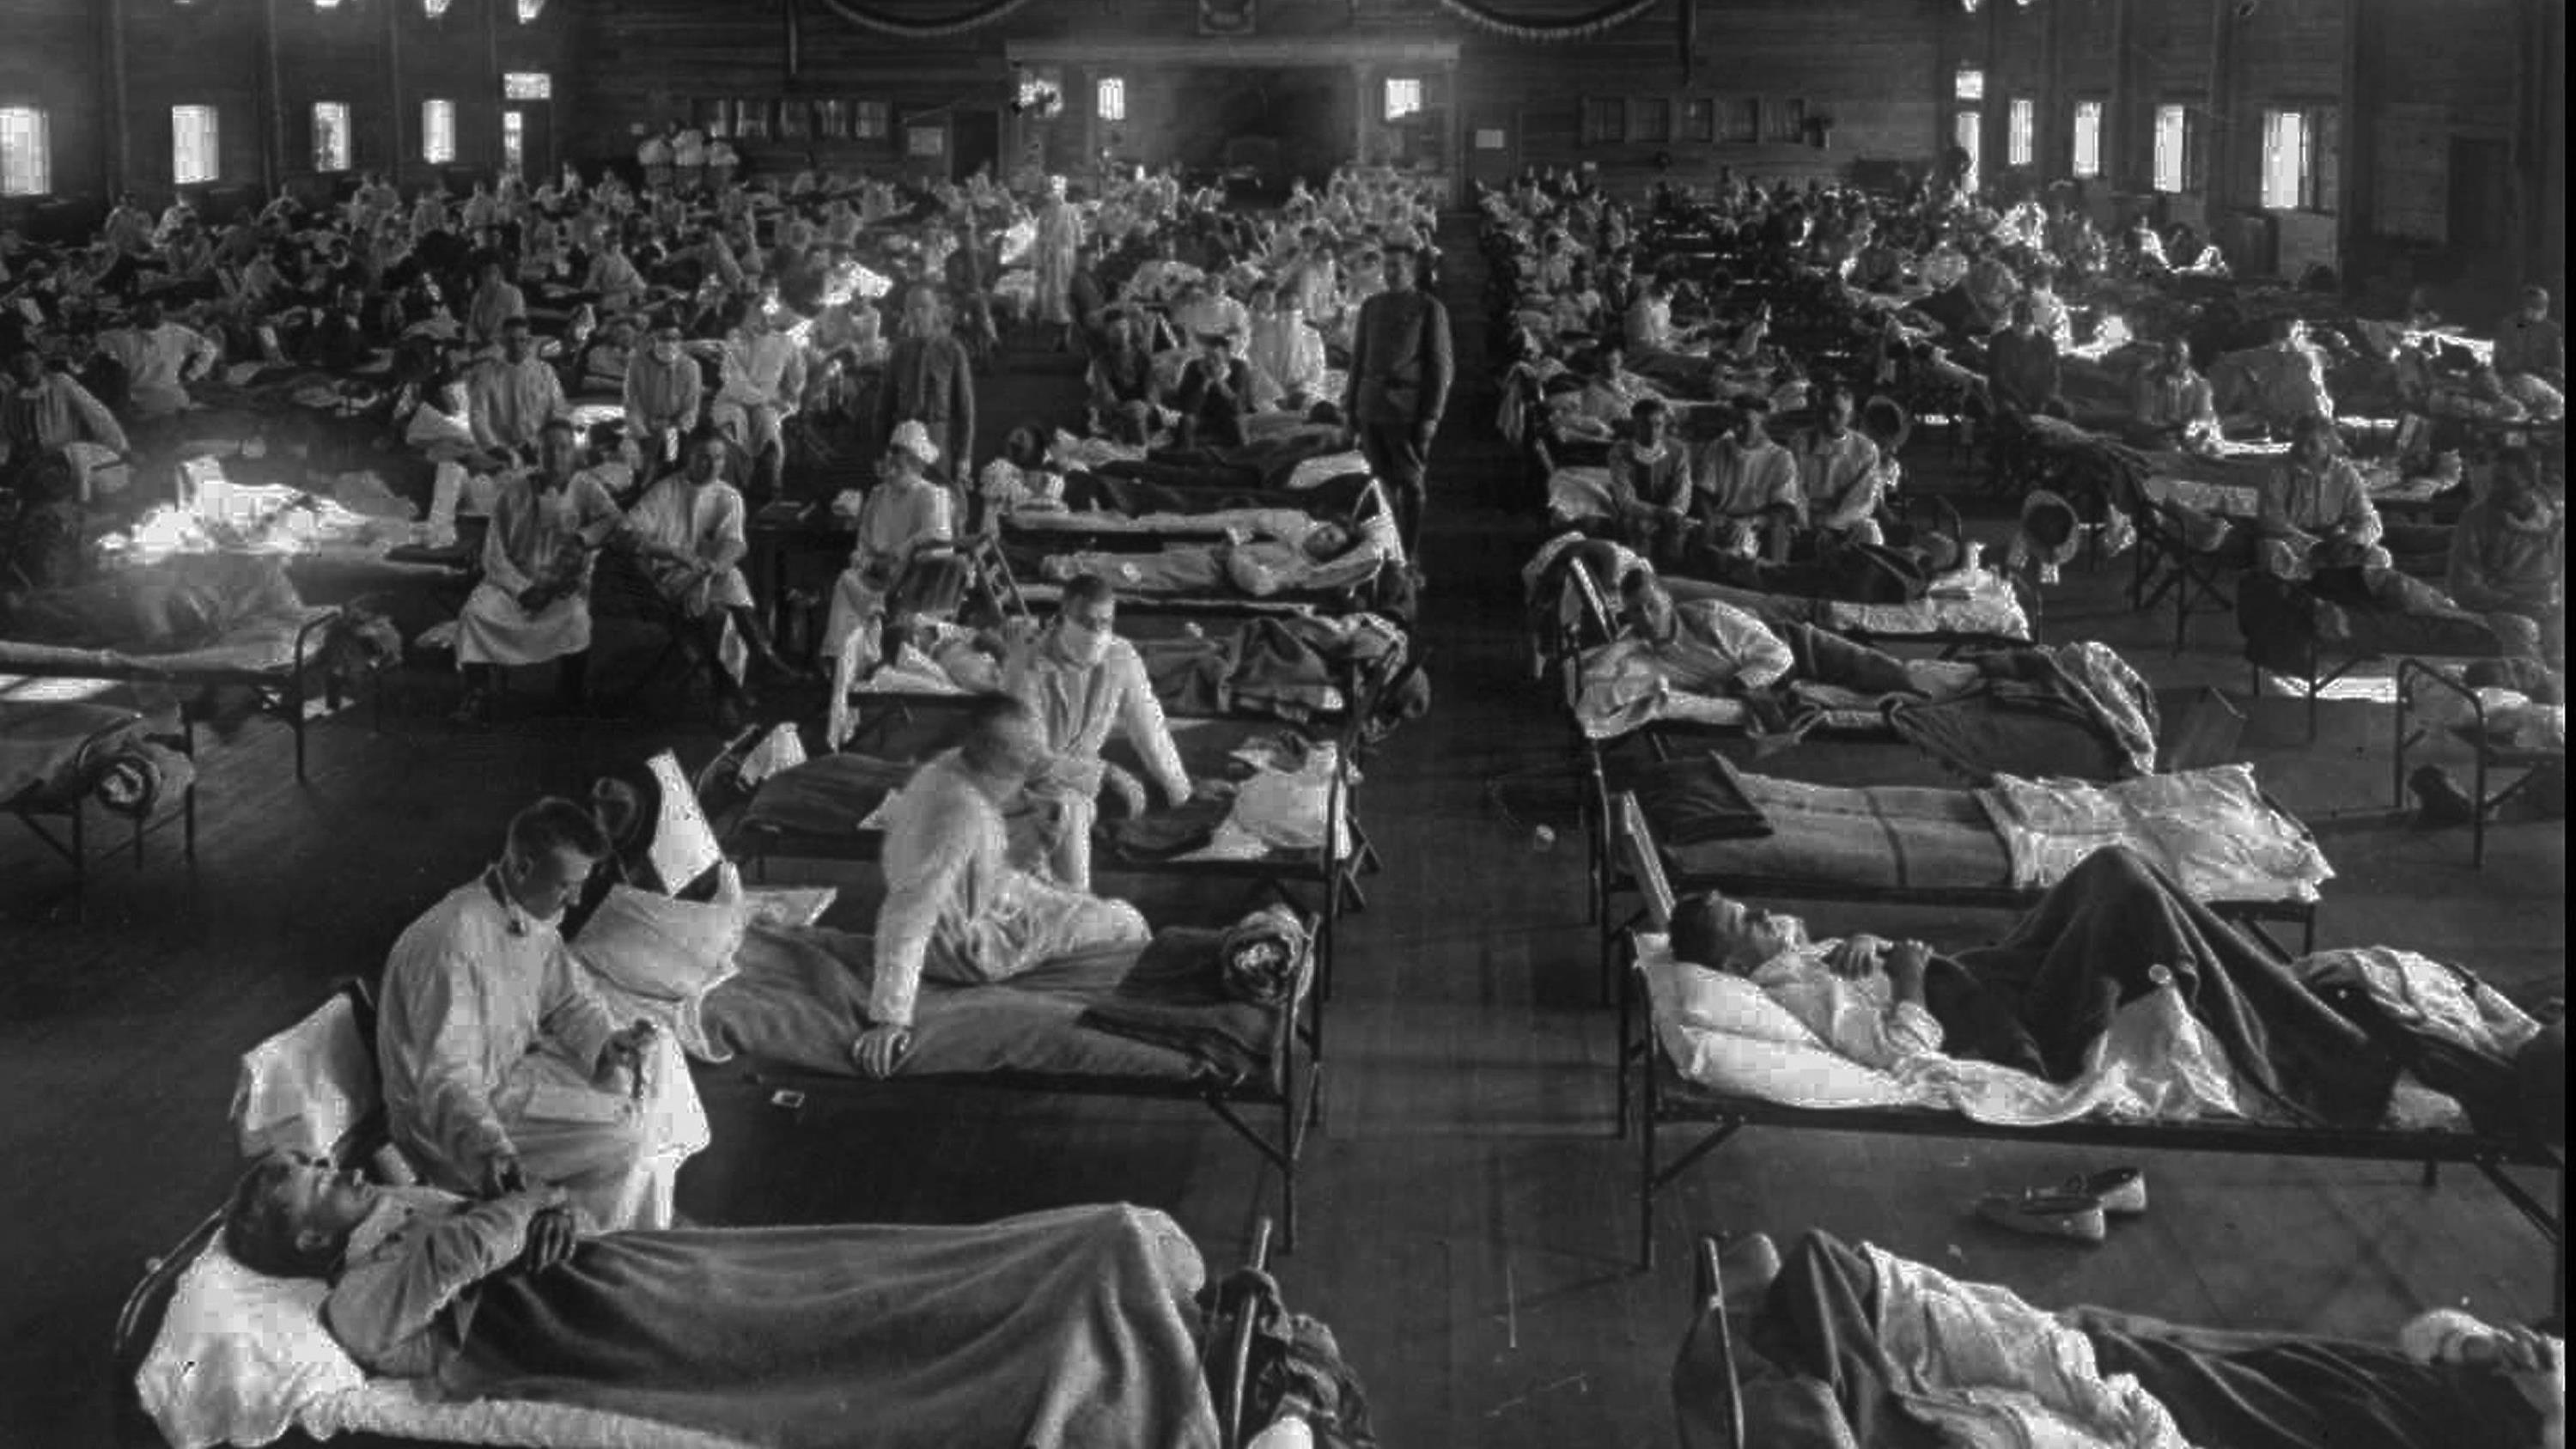 Un hôpital américain débordé en 1918 par l'épidémie de la grippe espagnole qui a fait 30 millions de morts partout sur la planète. Photo : Associated Press (archives)